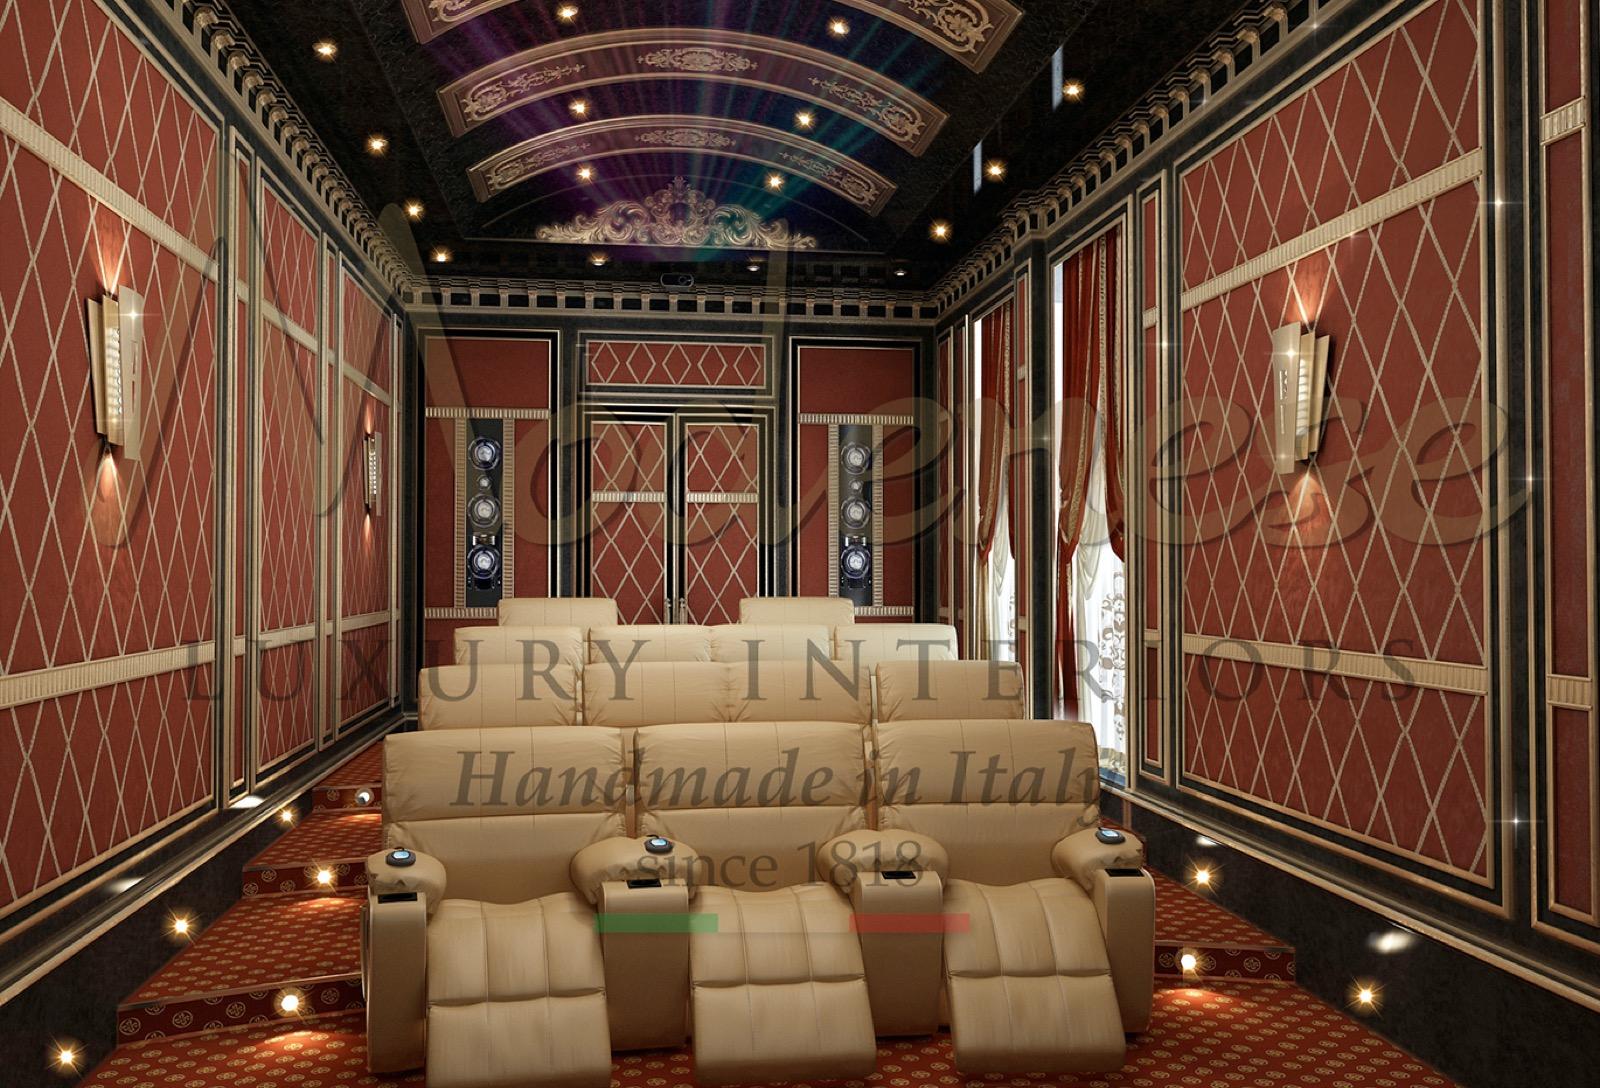 кинозал роскошное украшение дома индивидуальная обивка диваны кресла развлечения мебель на заказ Сделано в Италии мебель классический стиль барокко дизайн интерьера